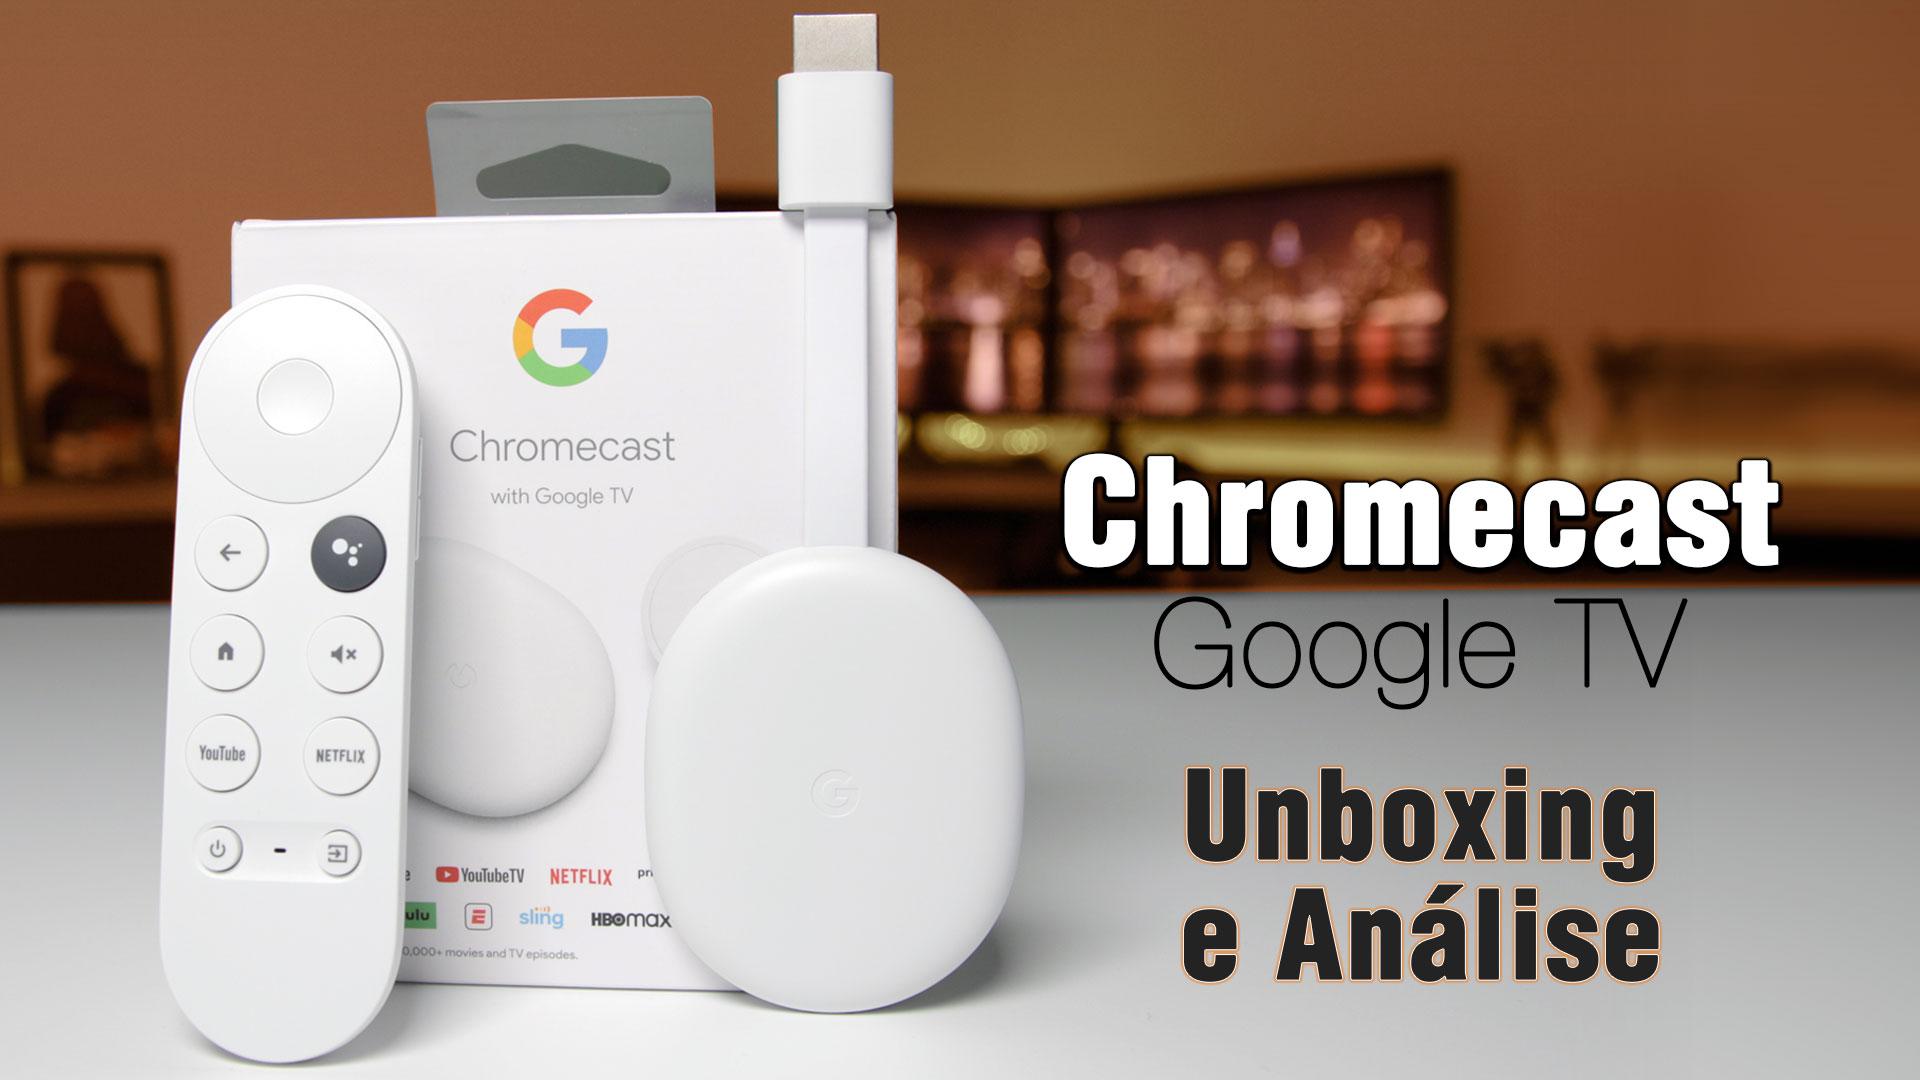 chromecast-com-google-tv-2